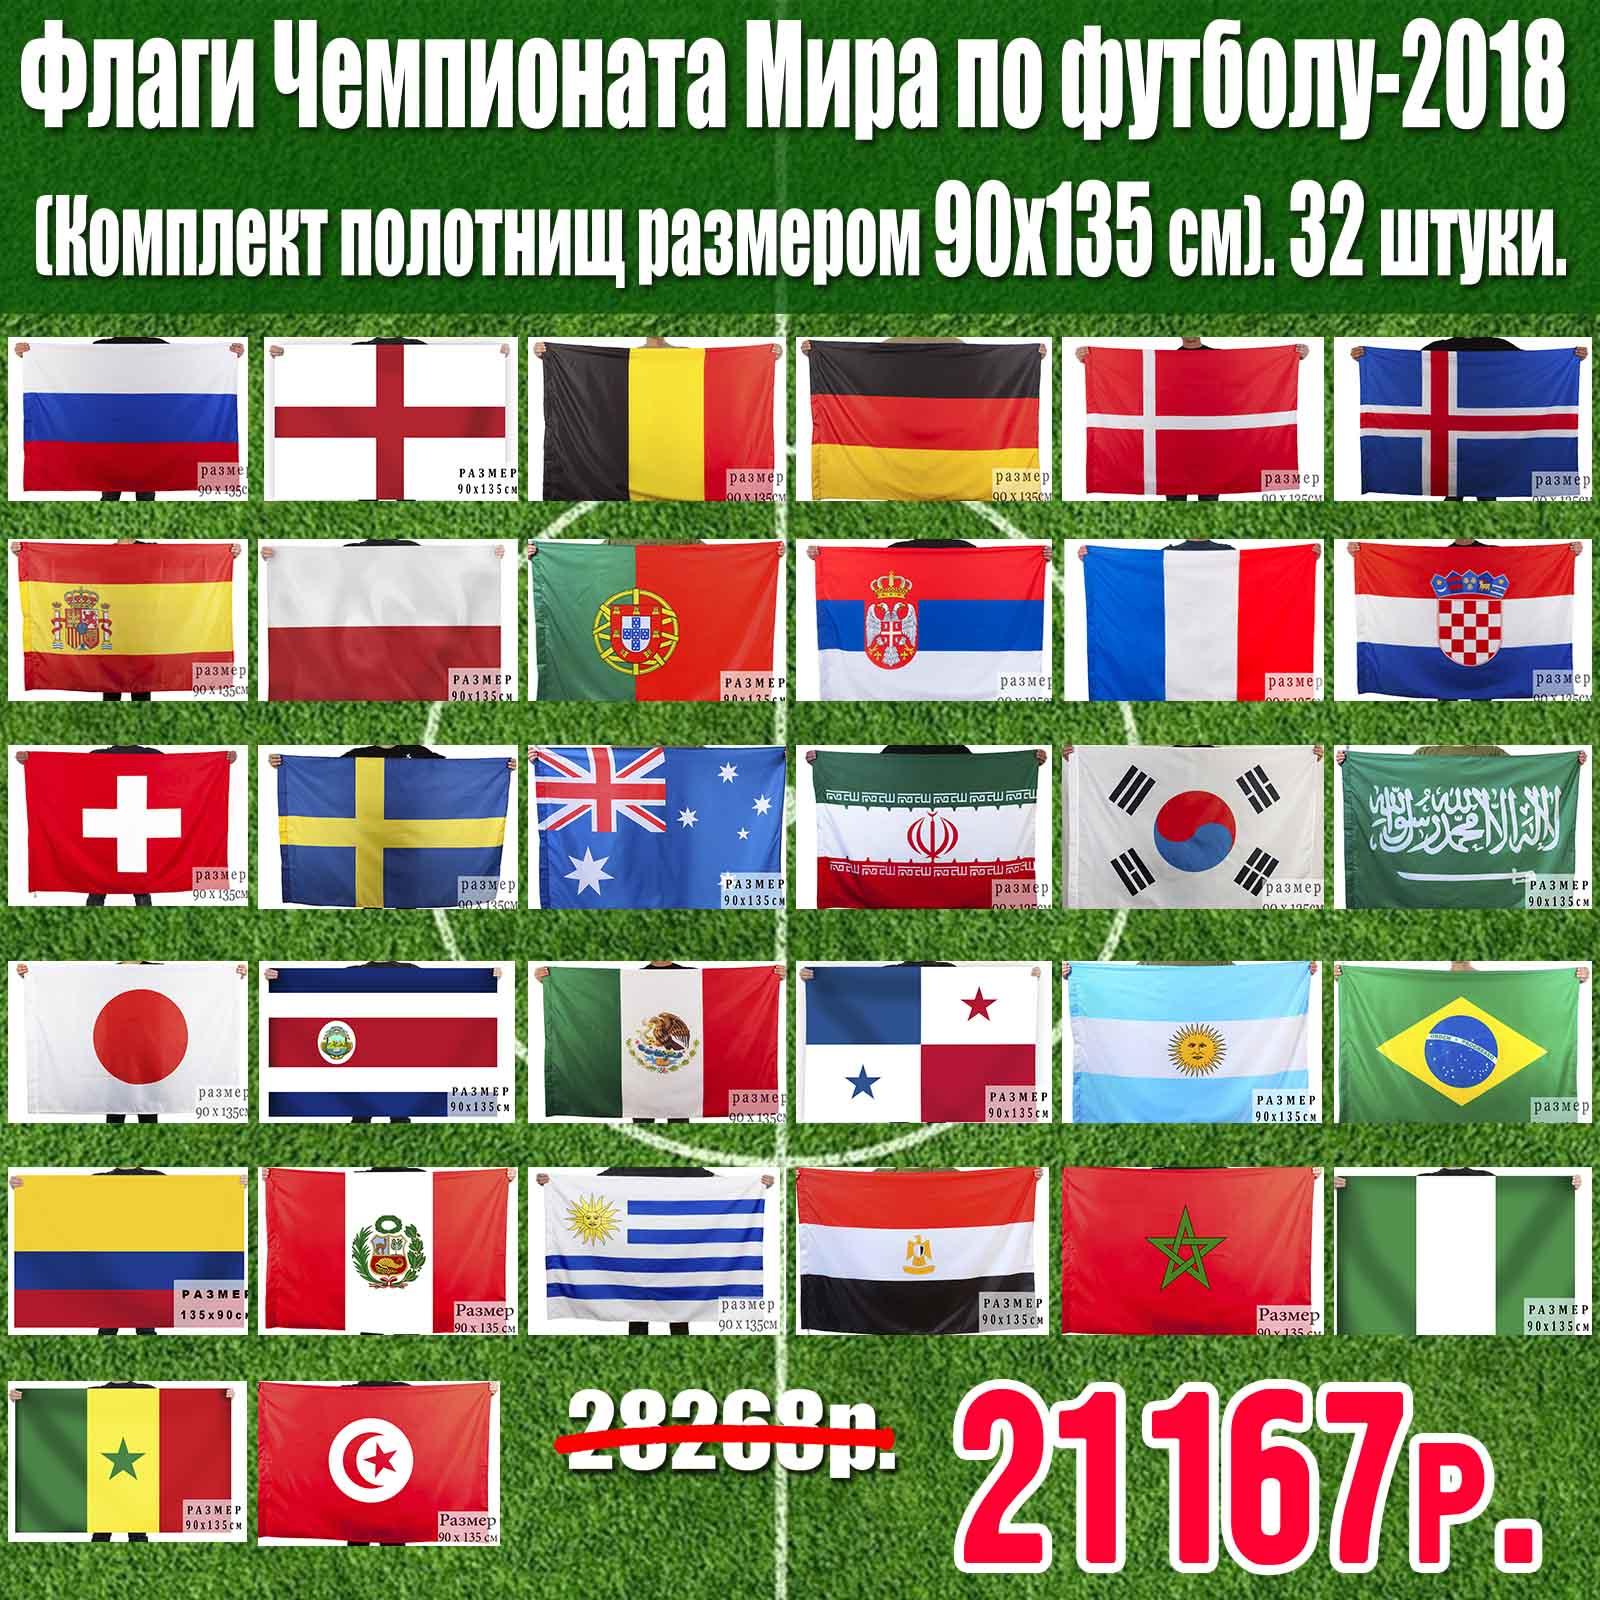 Флаги Чемпионата Мира по футболу-2018.